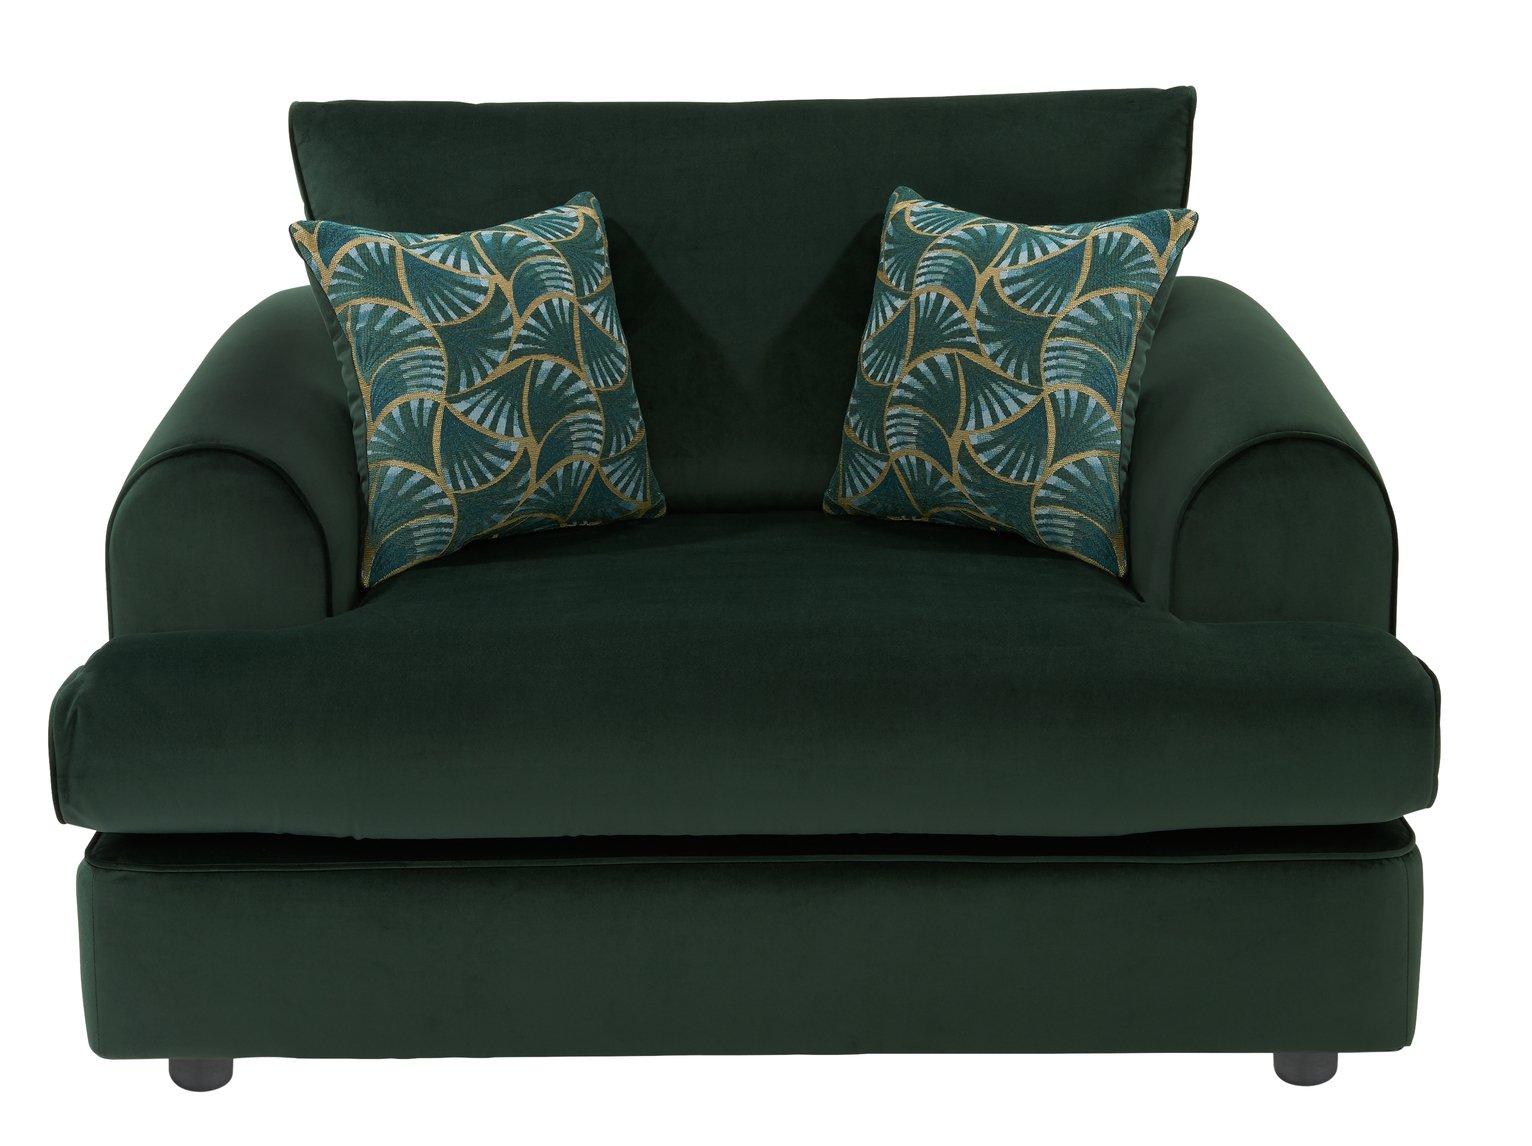 Argos Home Atticus Velvet Cuddle Chair - Green